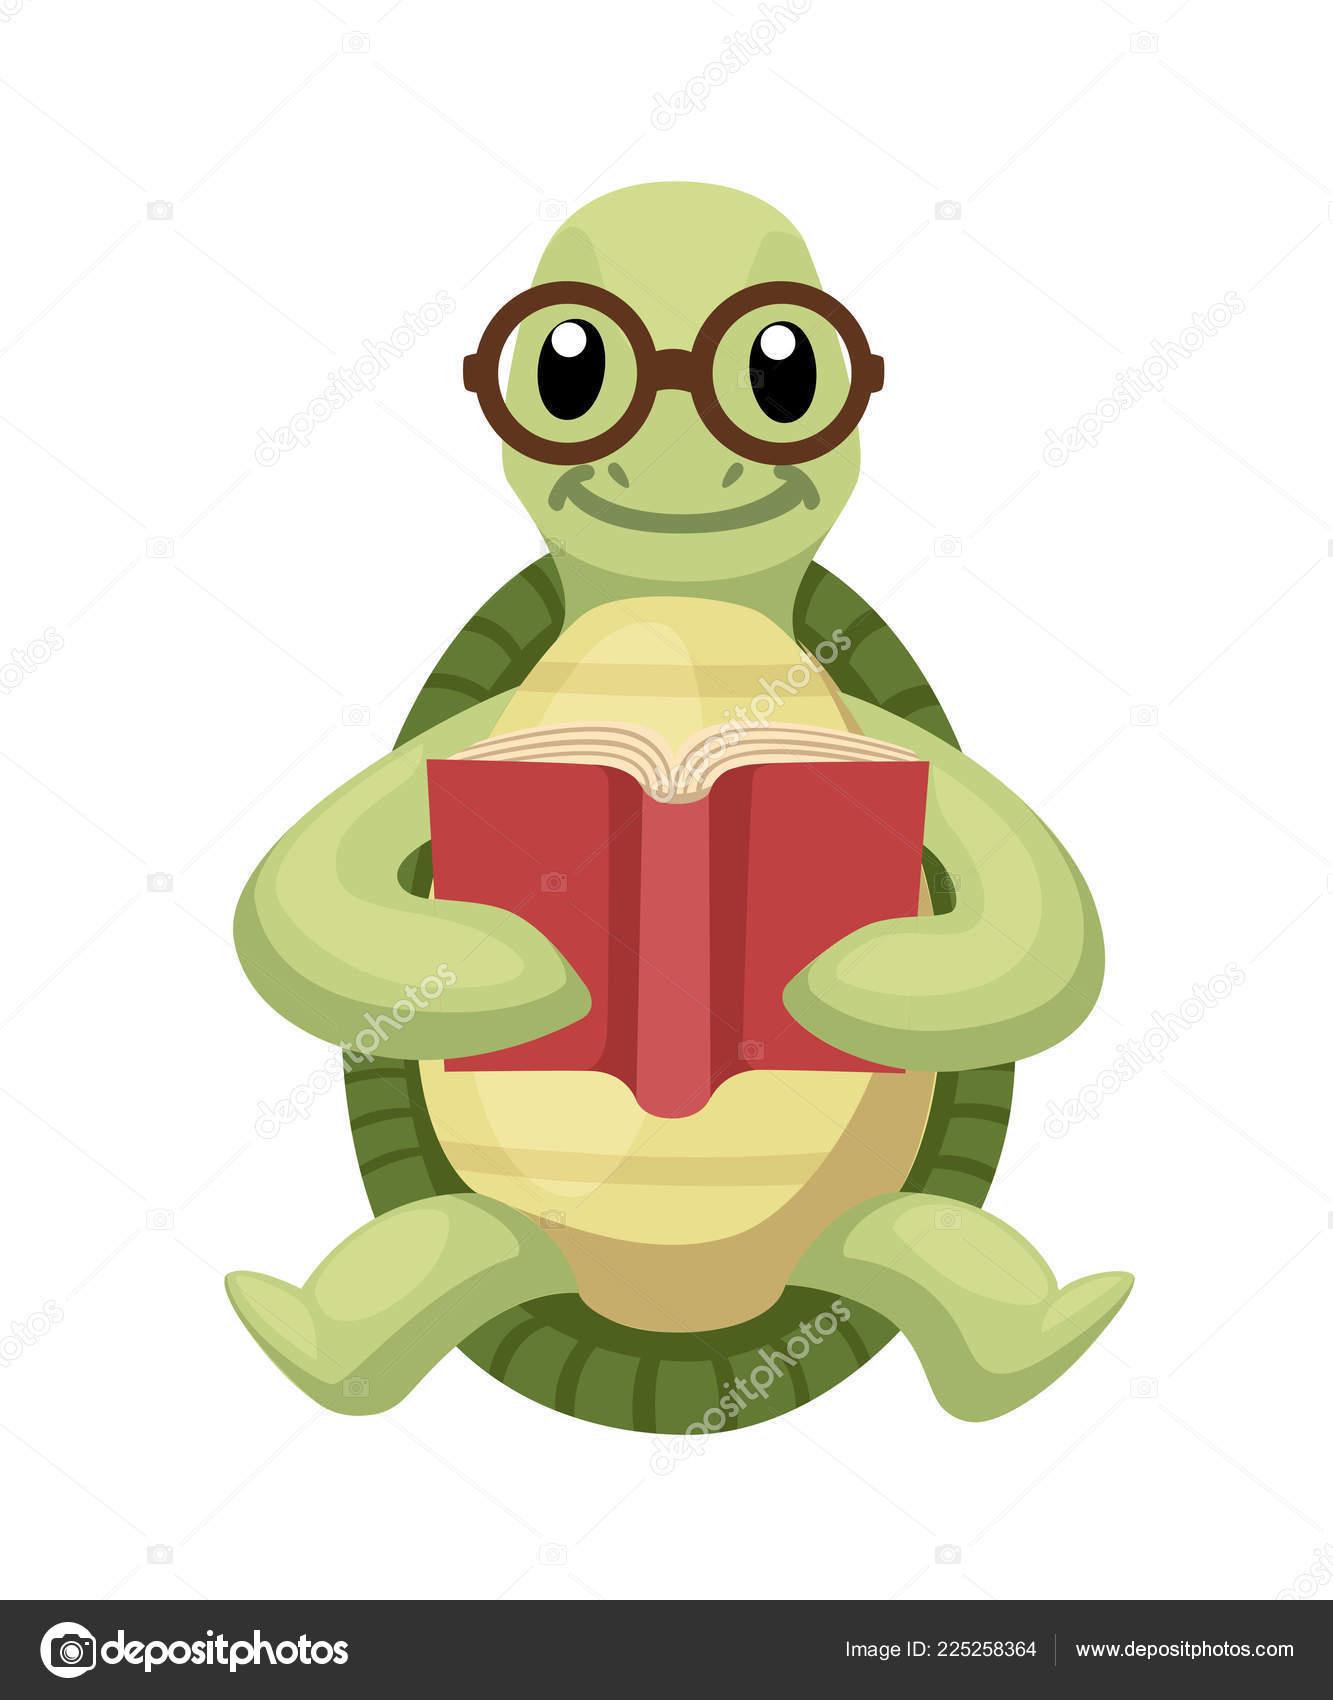 фото девушек, картинки черепаха в очках напечатать изображение новогодней